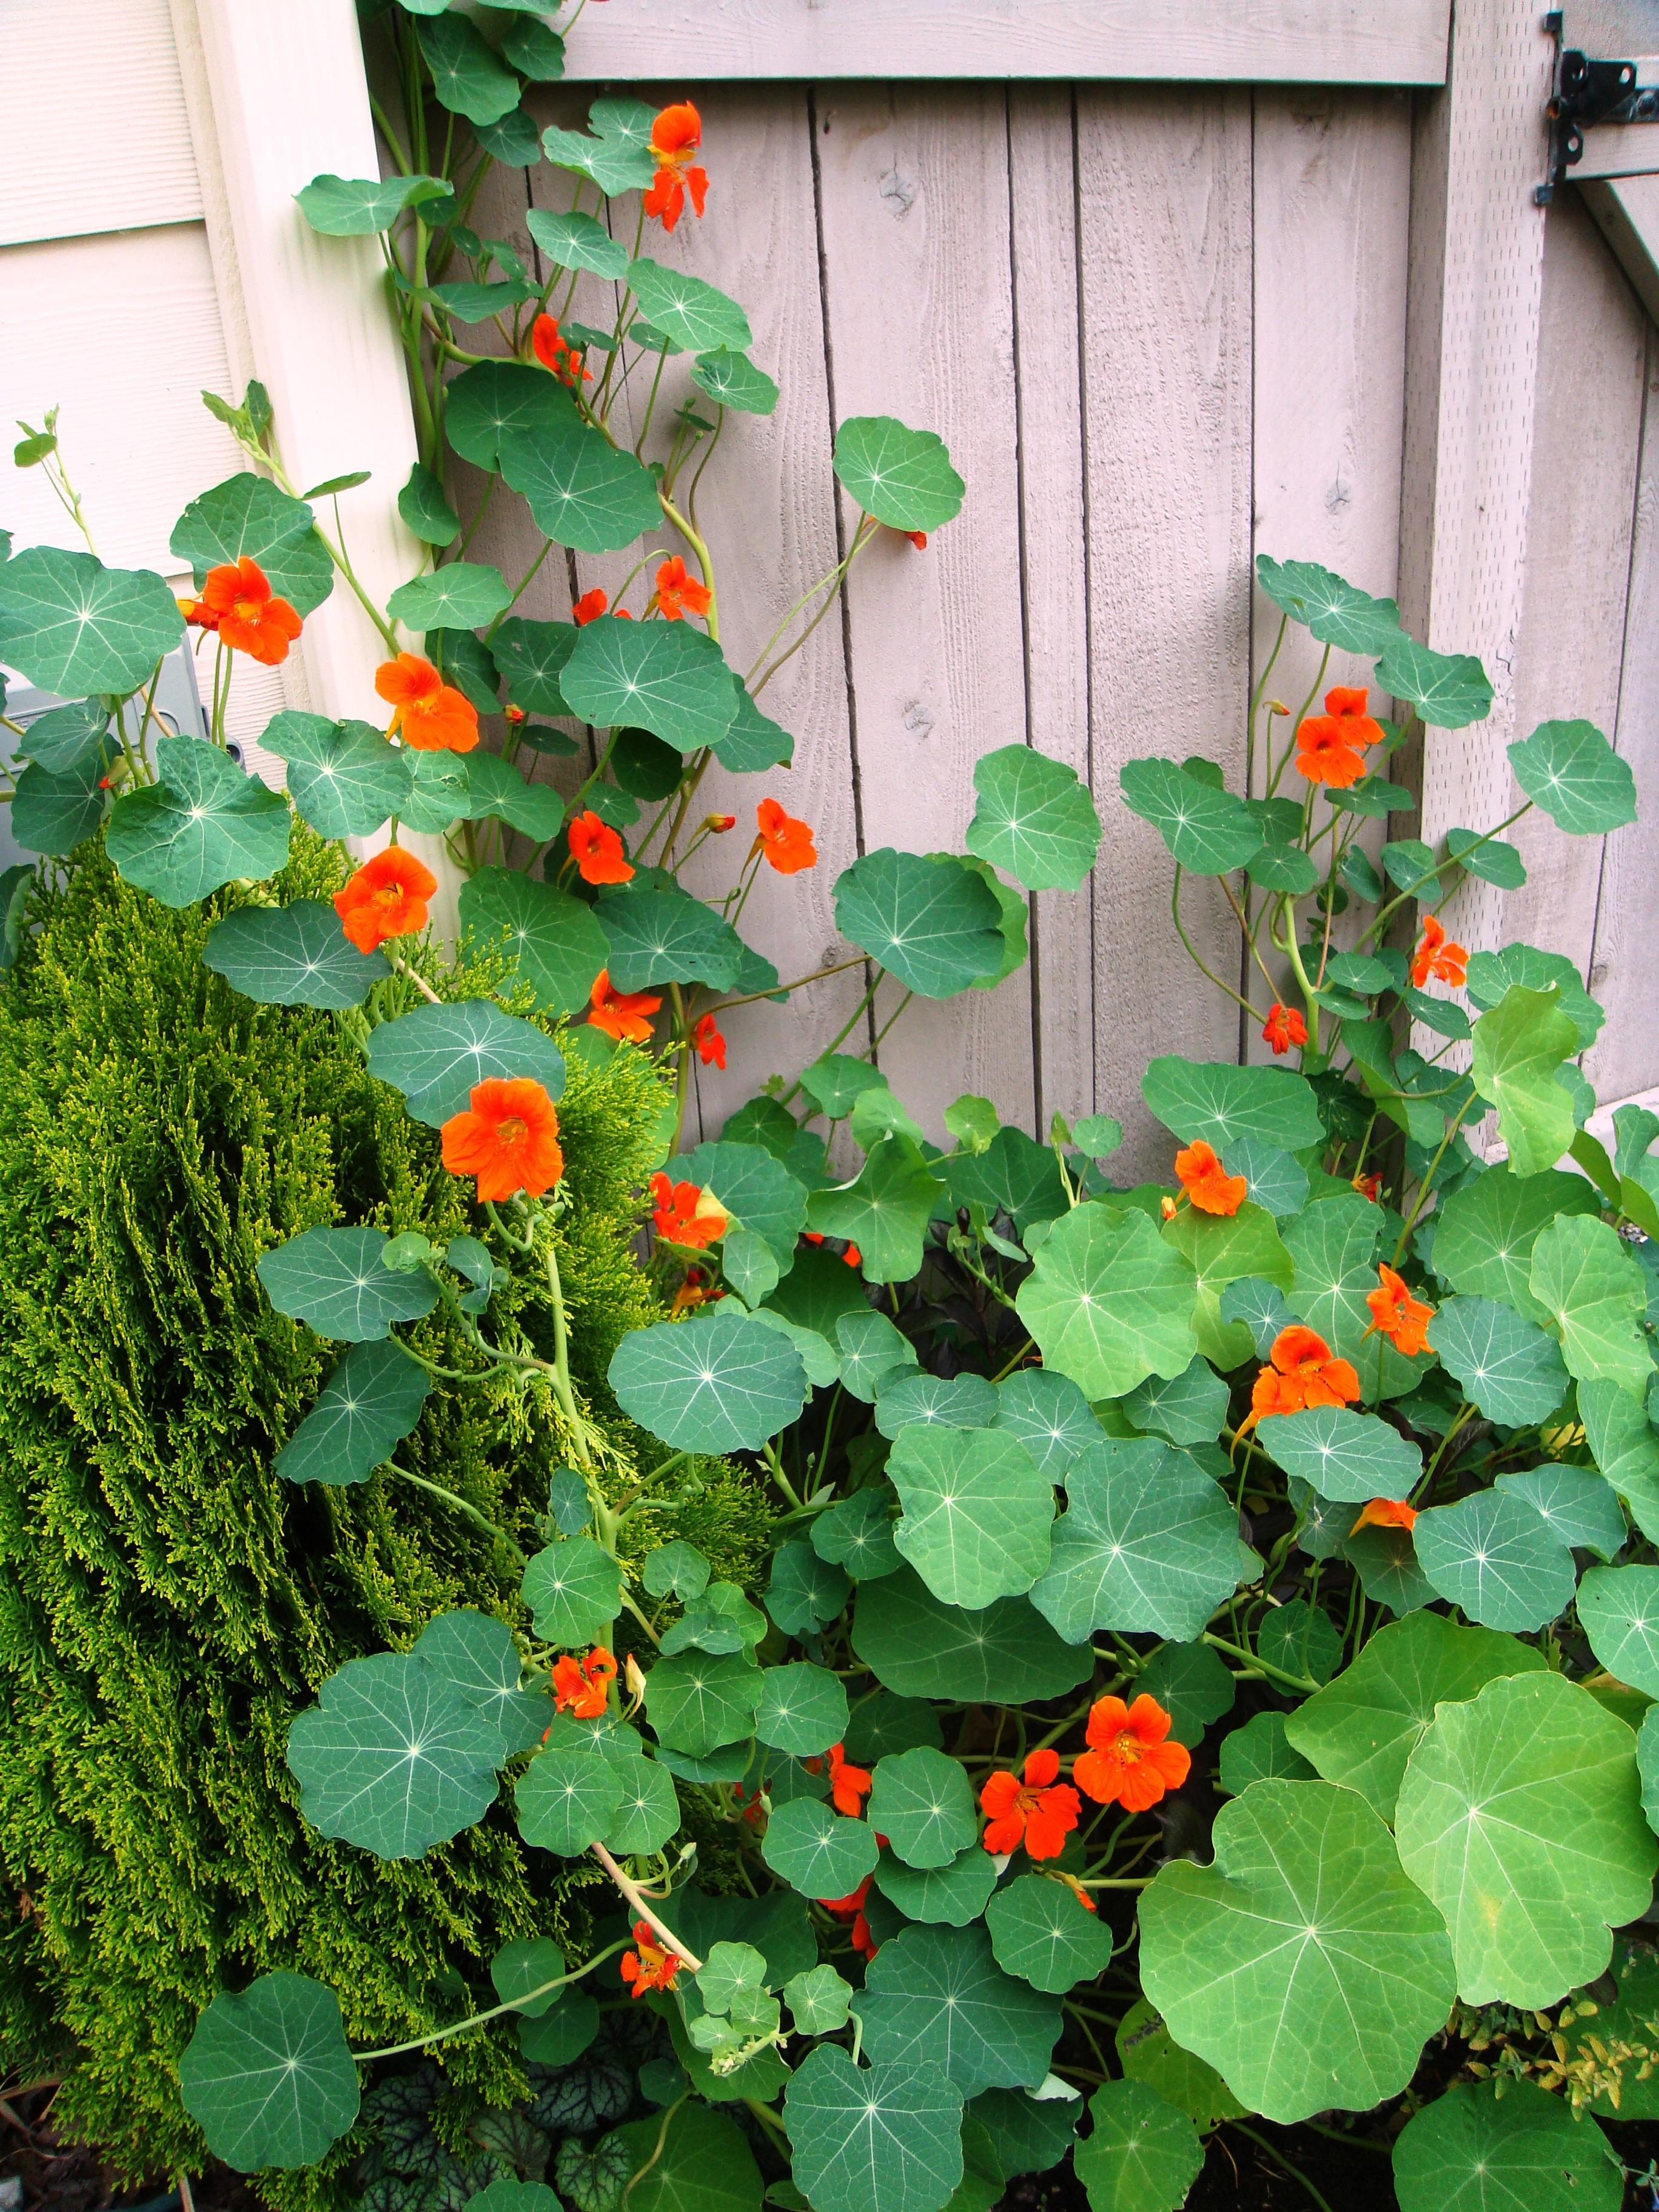 Renee's Garden 'Spitfire' Nasturtium Update